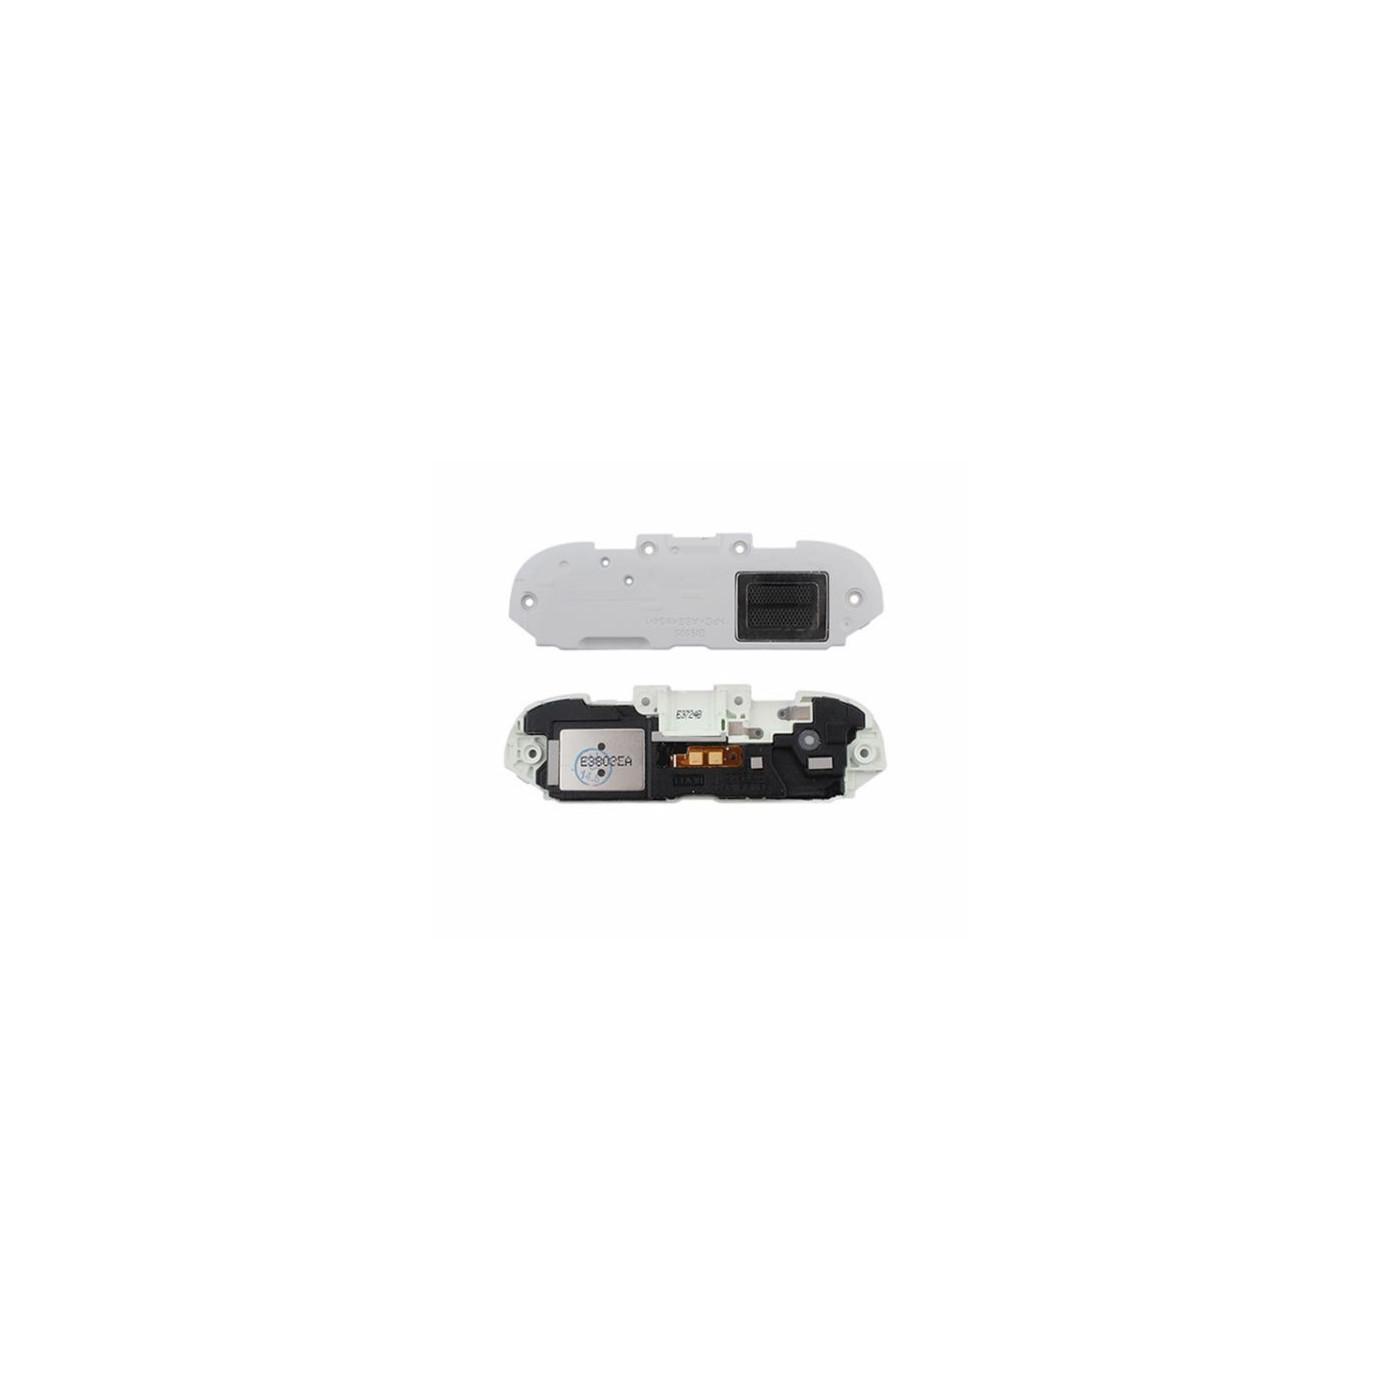 Sprecheraudiofreisprechsprecher für Samsungs-Galaxie s4 i9505 weißer Ersatz